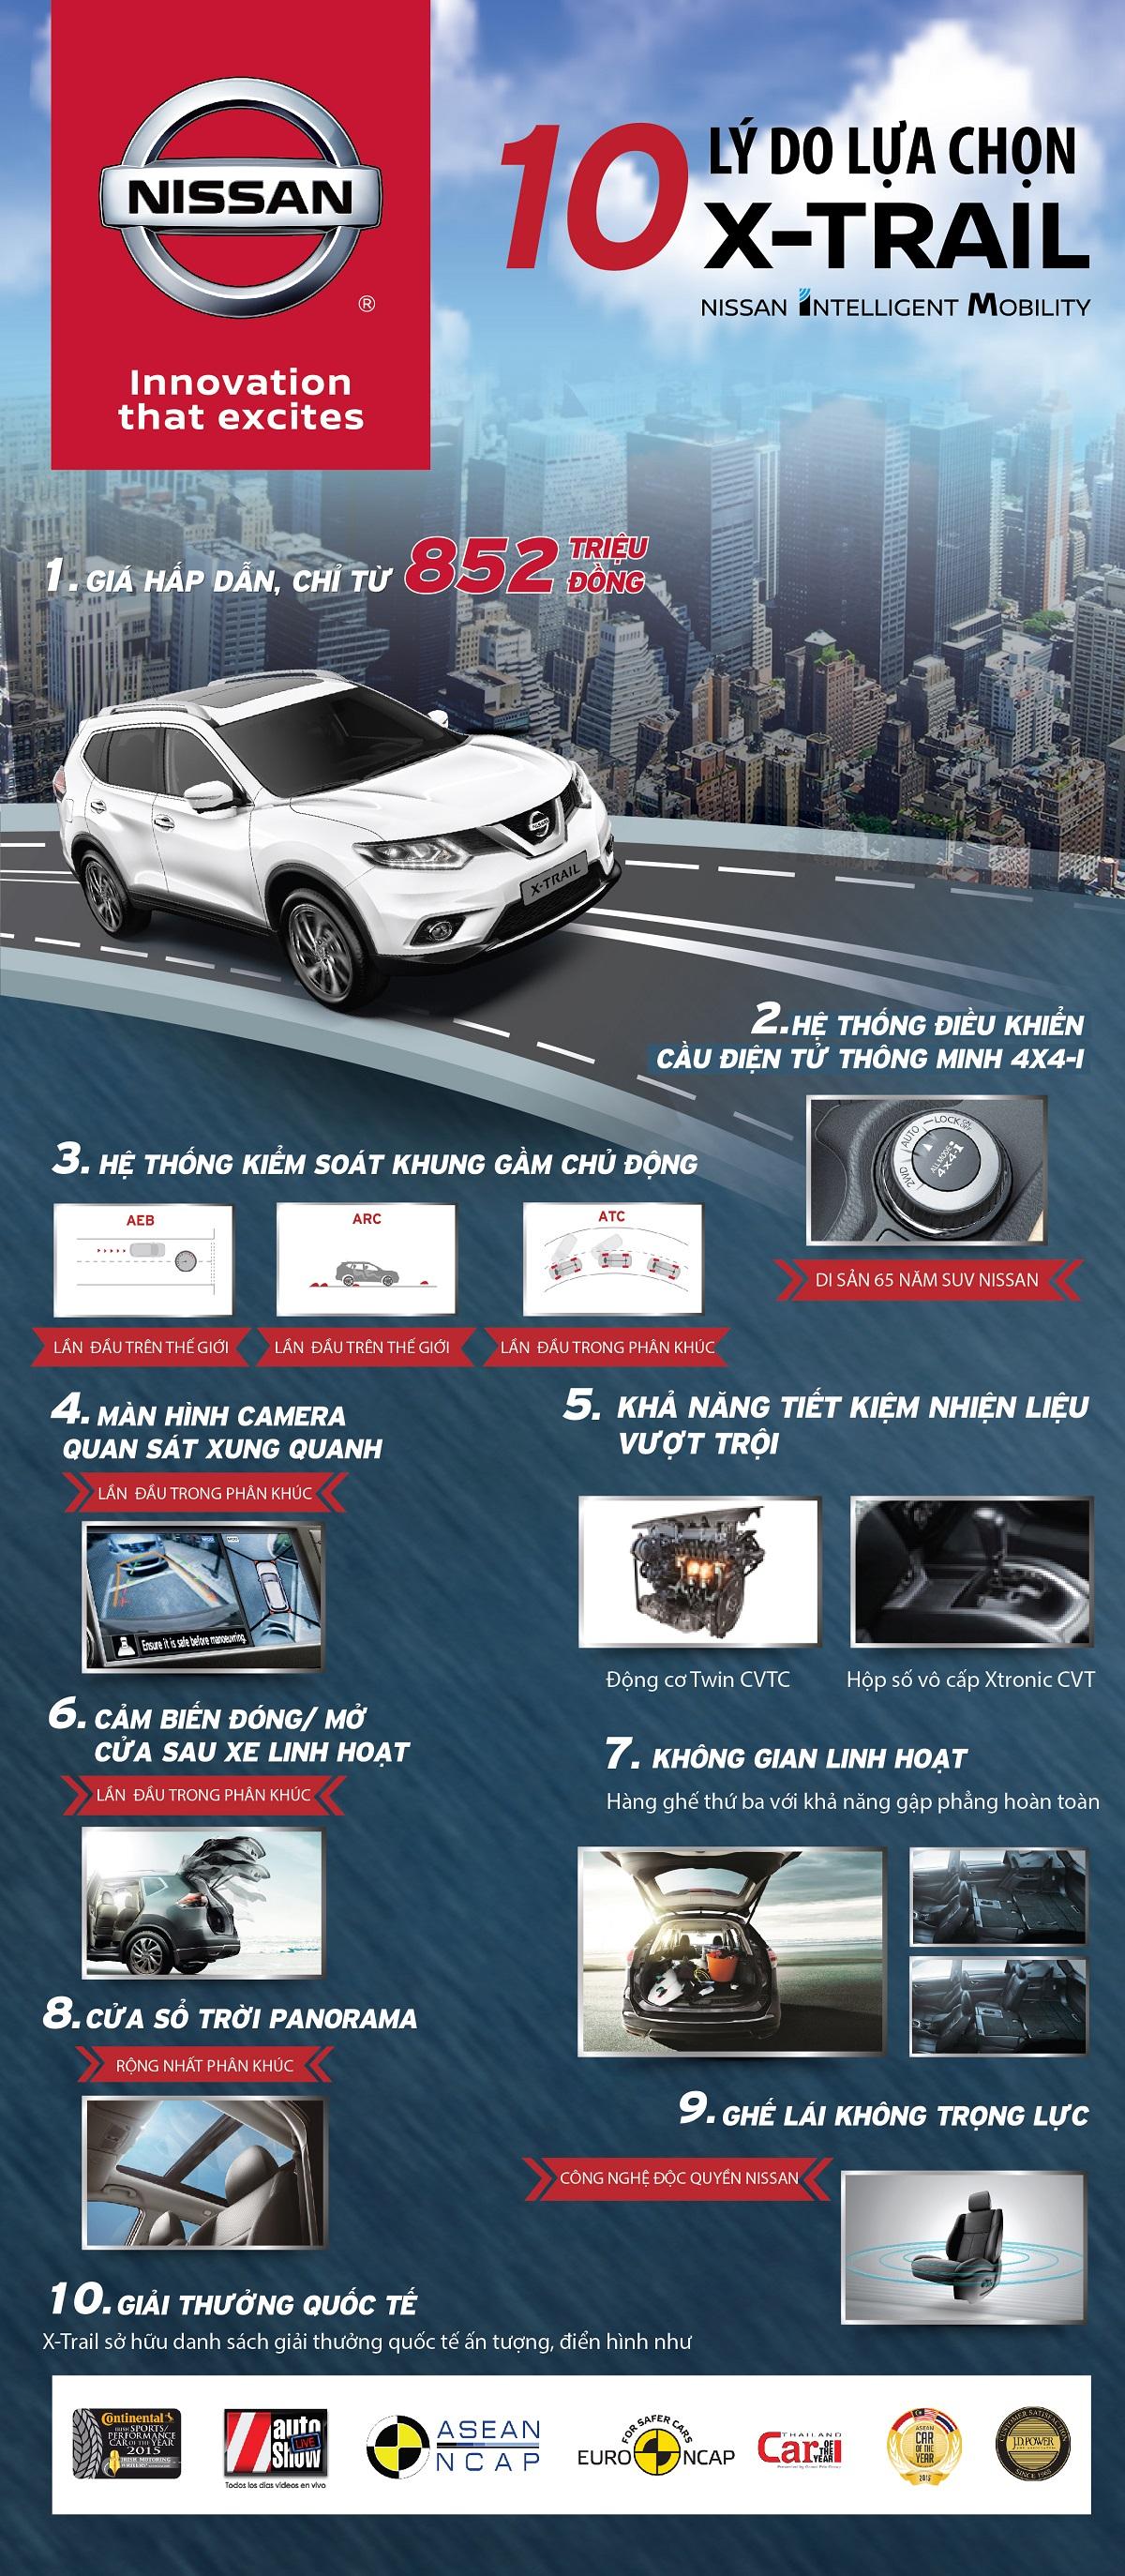 Nissan X-trail : 10 lý do để trở thành số 1 trong phân khúc Crossover 7 chỗ ngồi